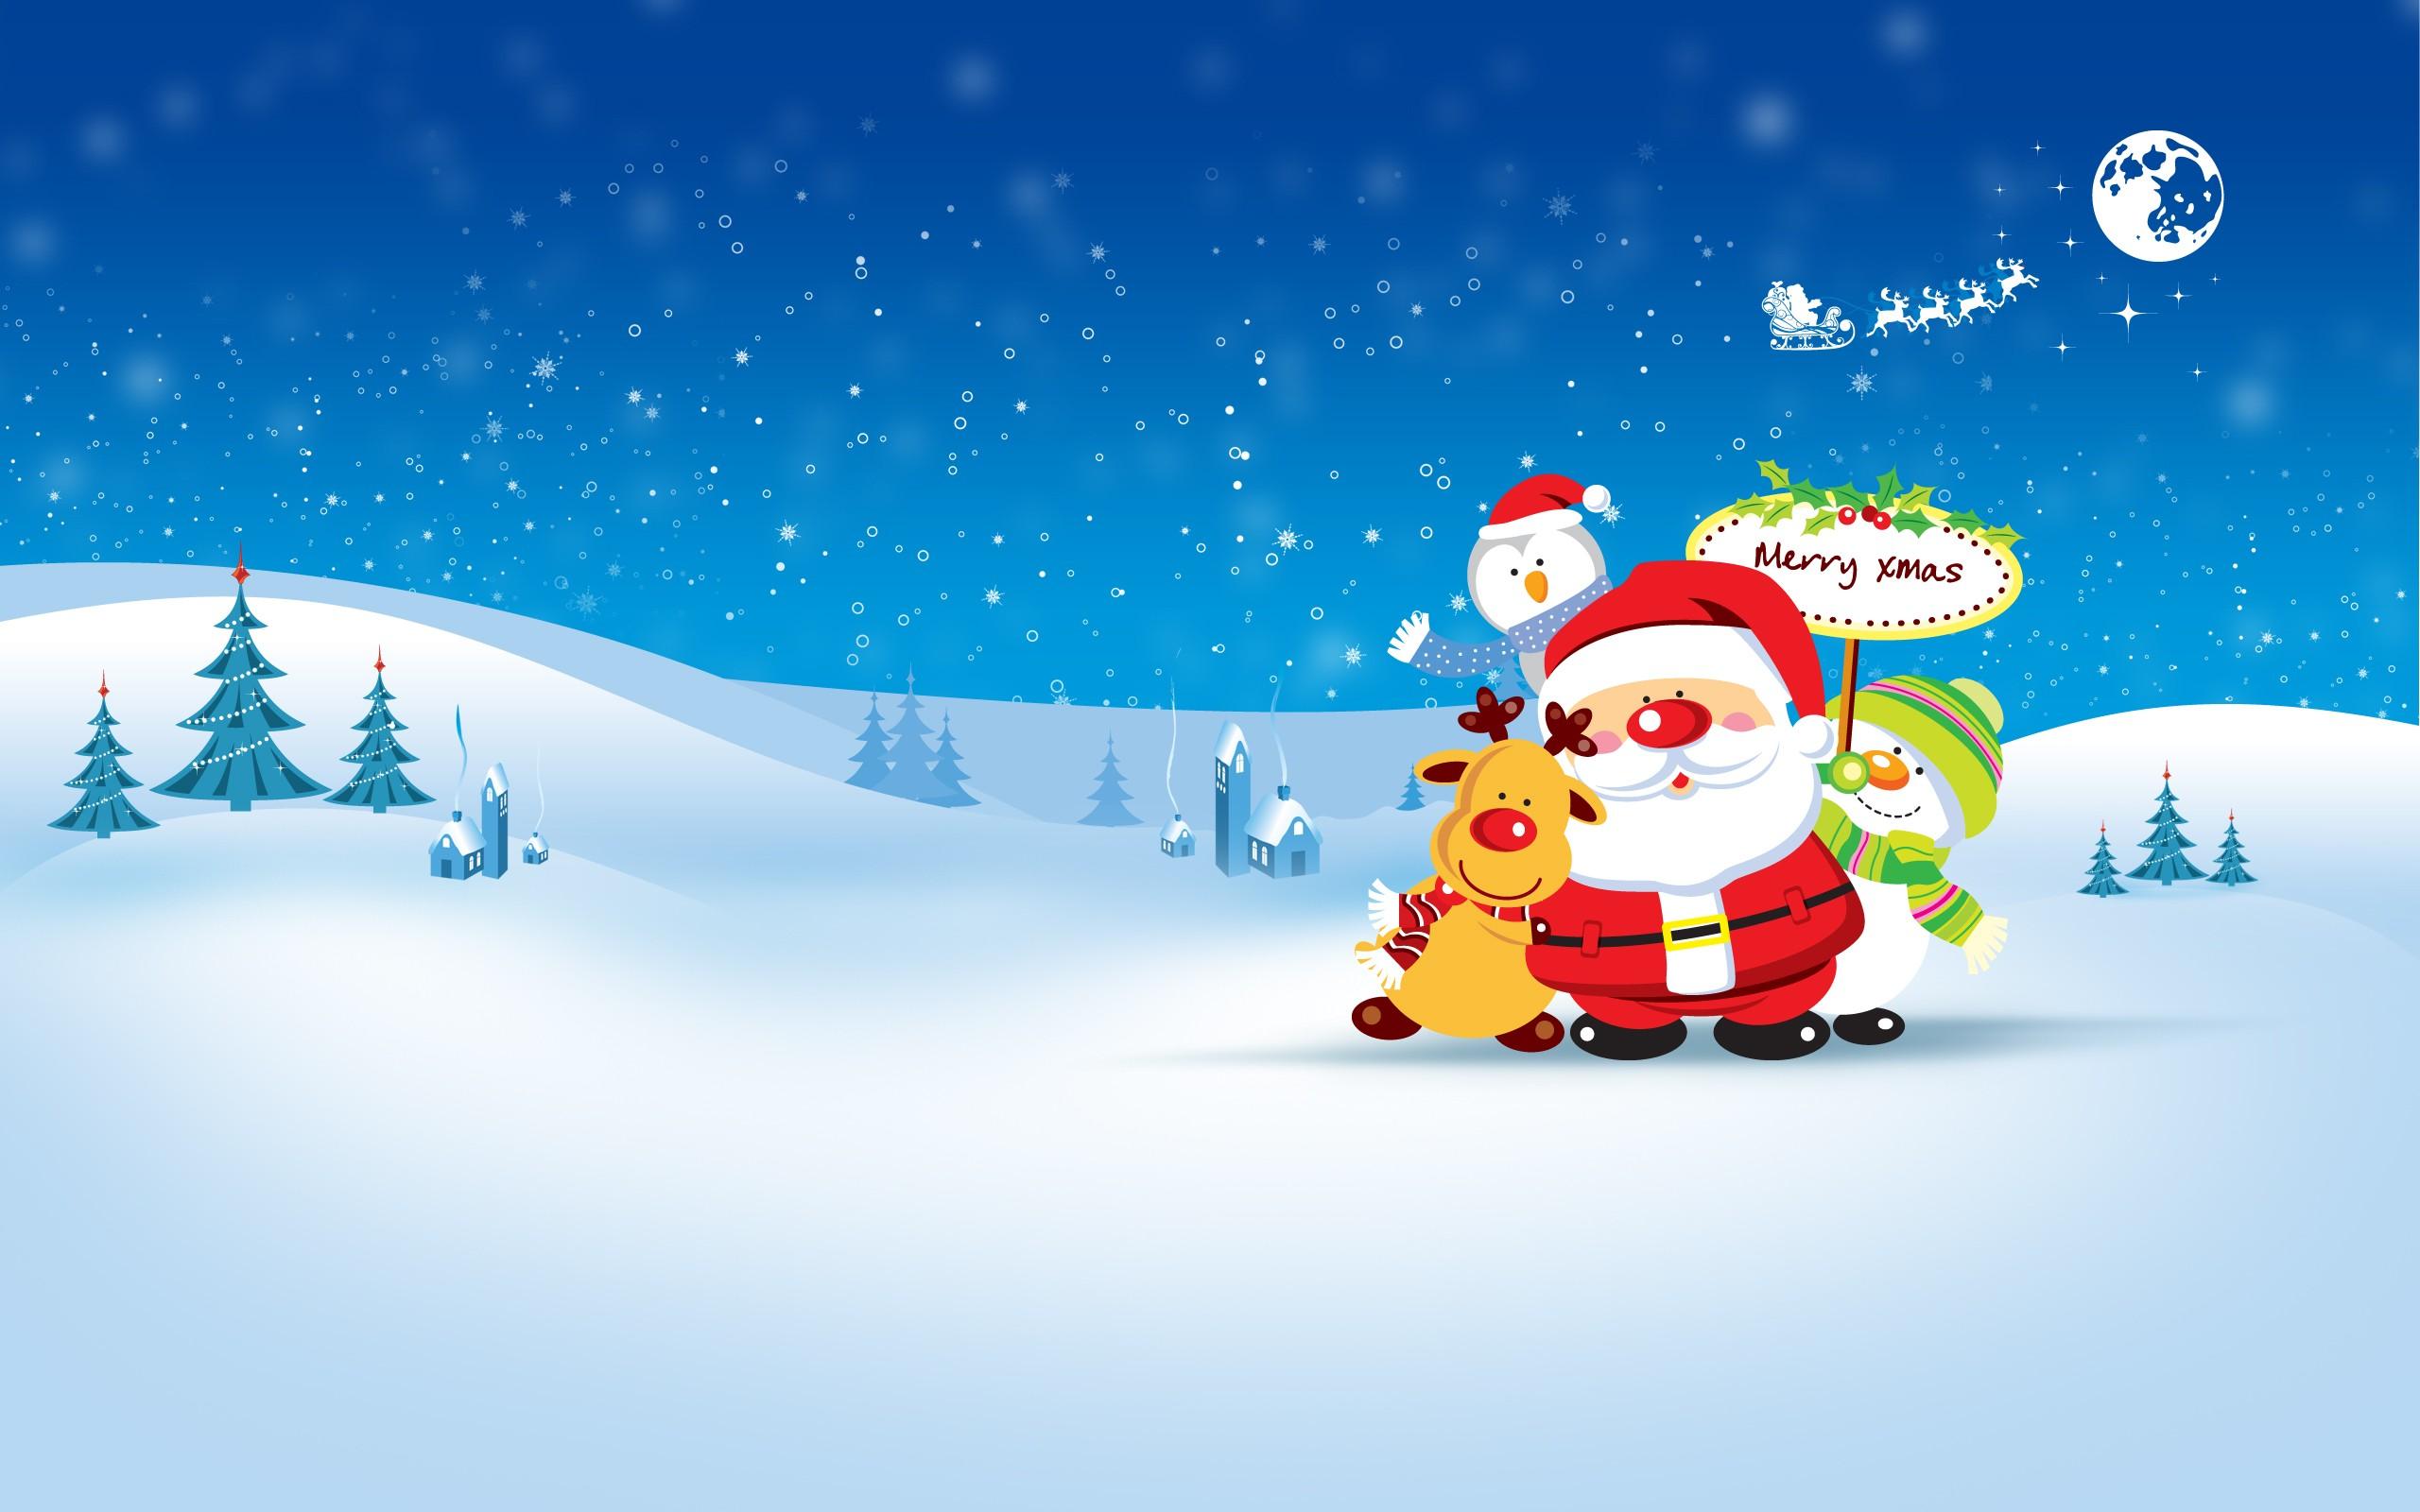 Dibujo de Santa Claus en Navidad - 2560x1600